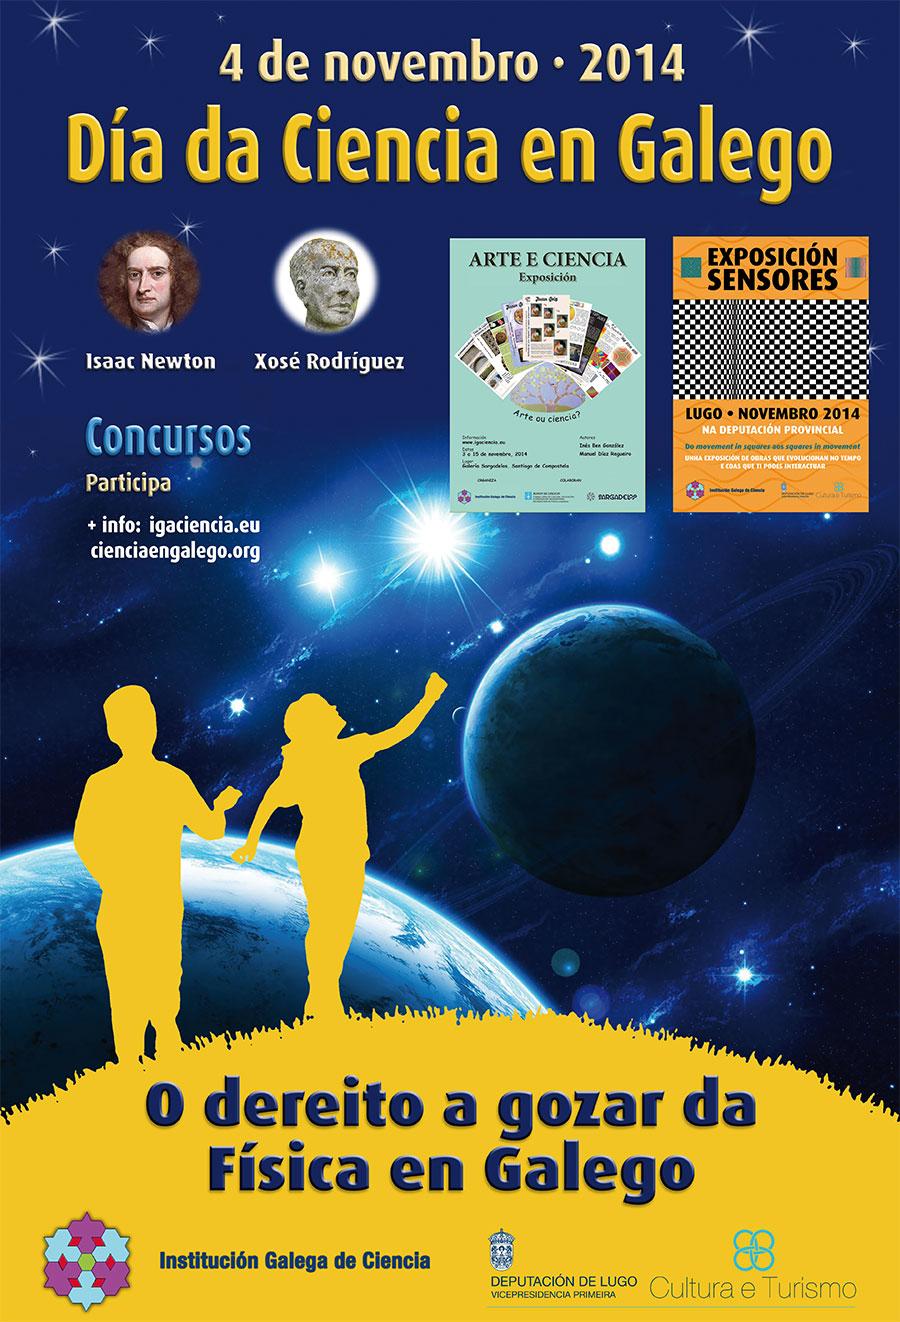 Xosé Rodríguez e Isaac Newton son os personaxes homenaxeados na data